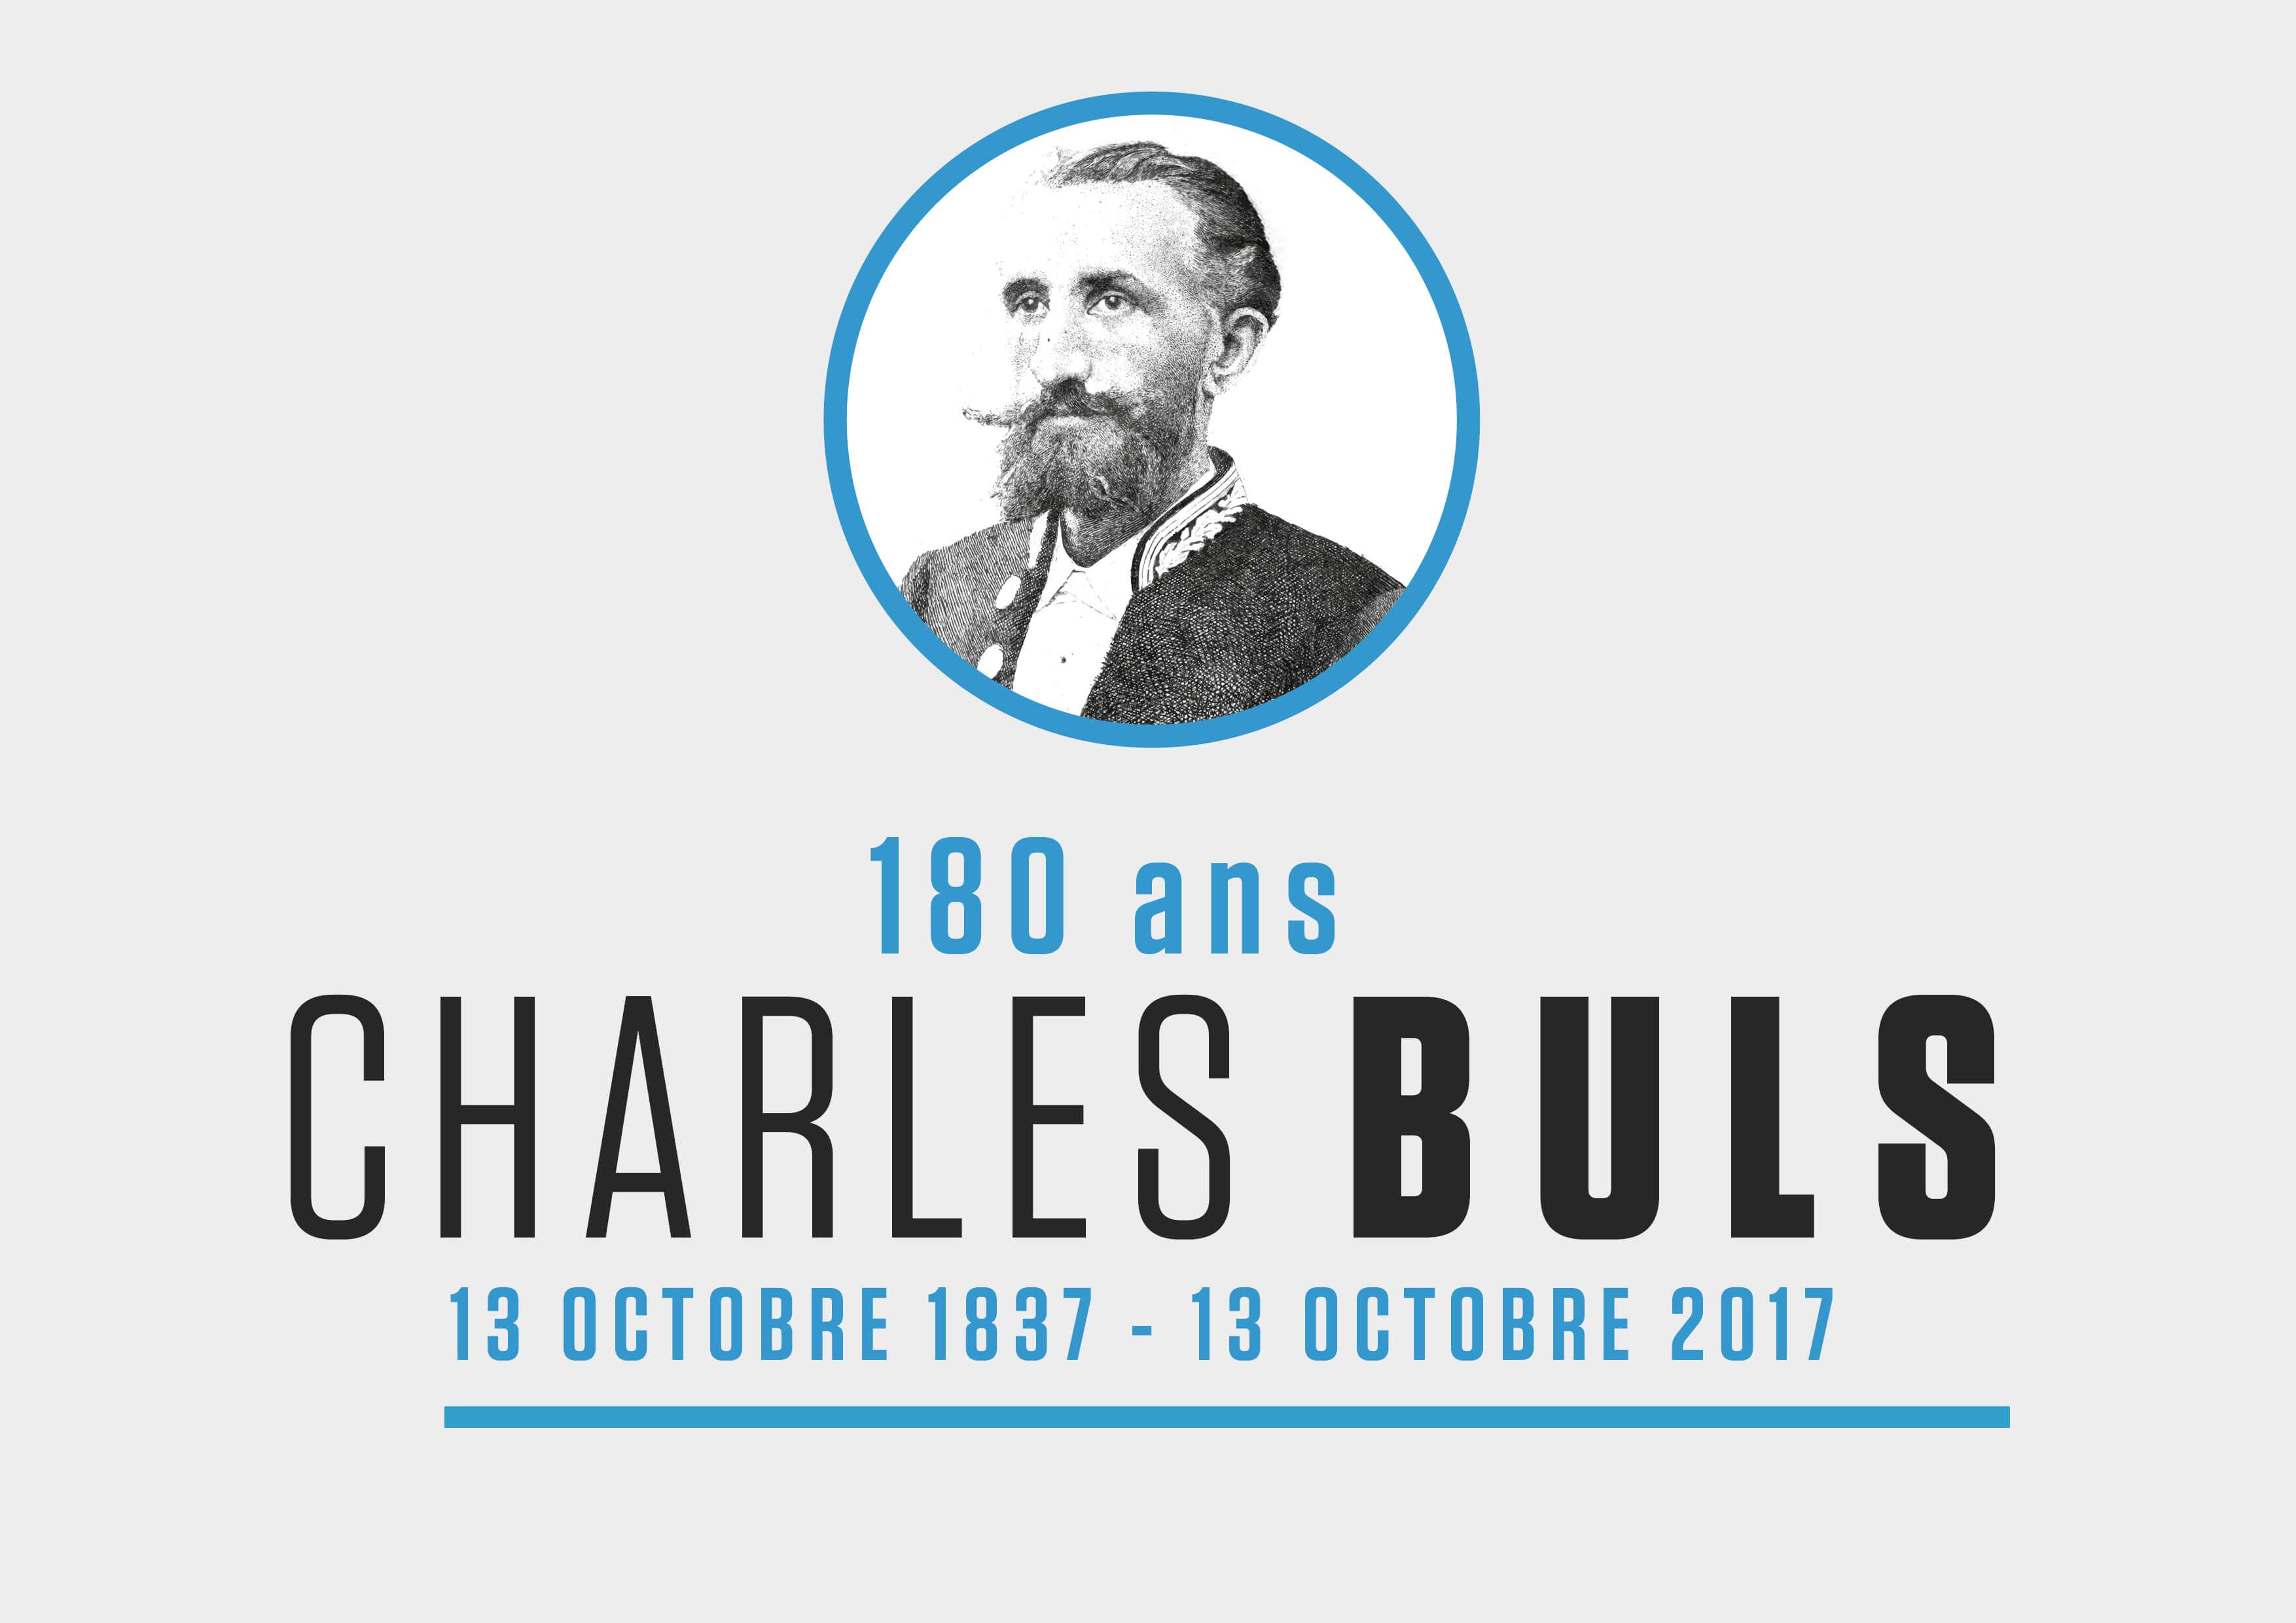 180 ans Charles Buls